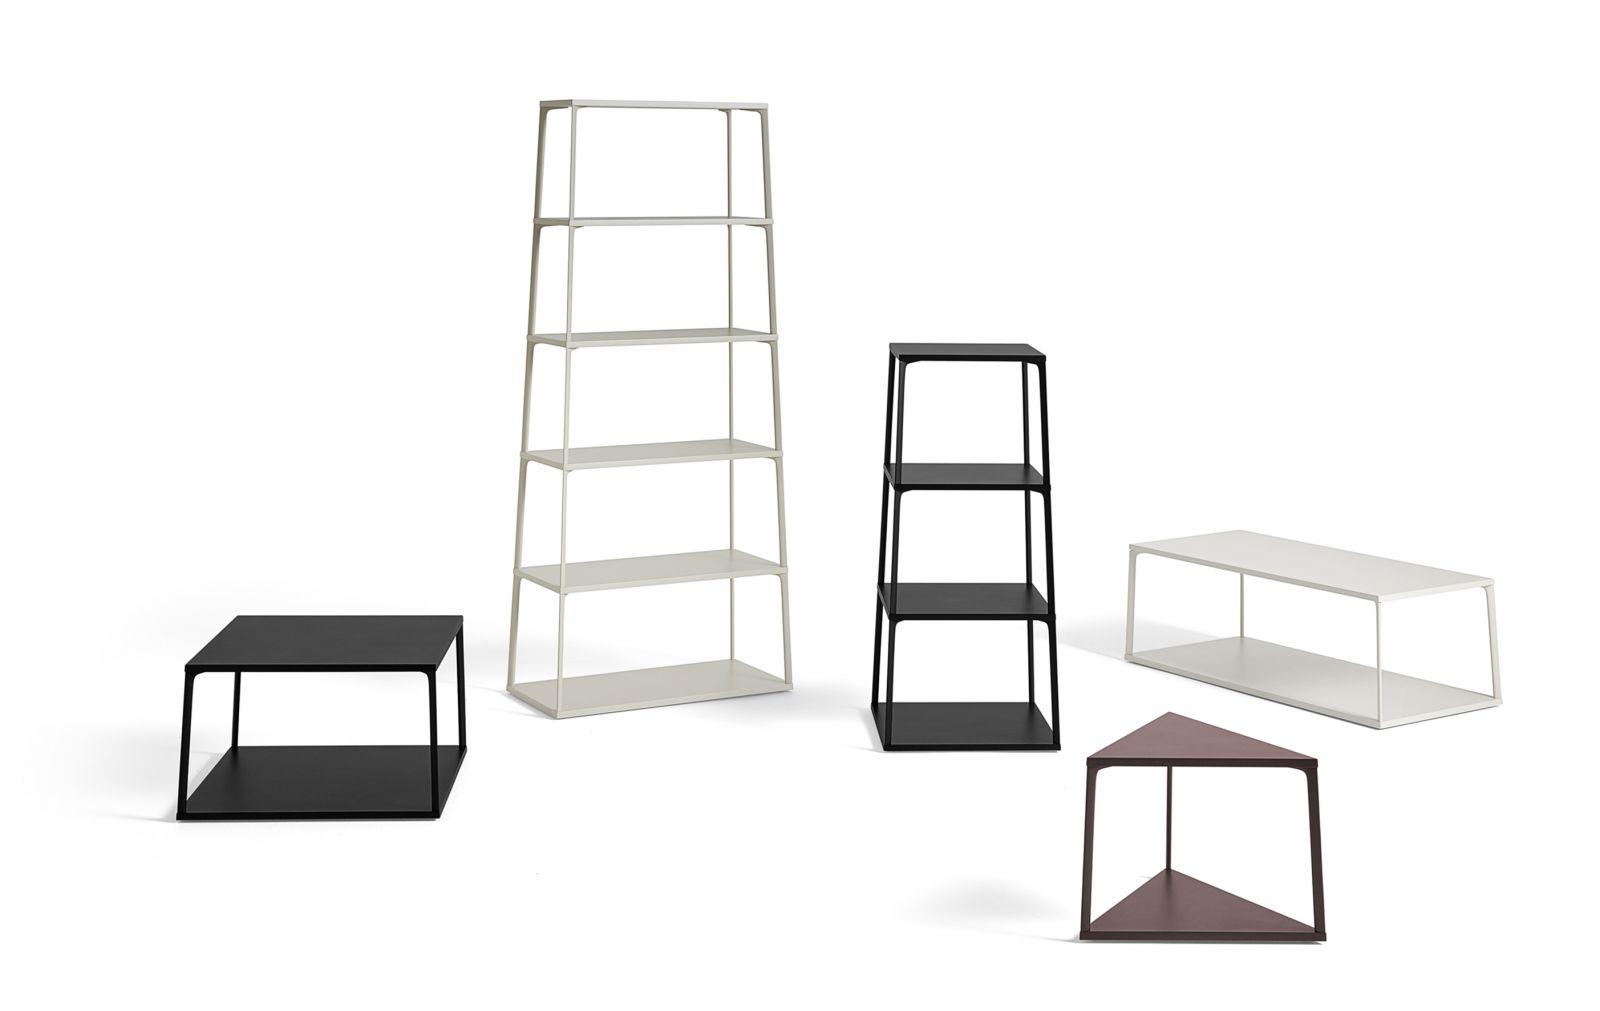 EIFFEL Collection by Jørgensen Depping